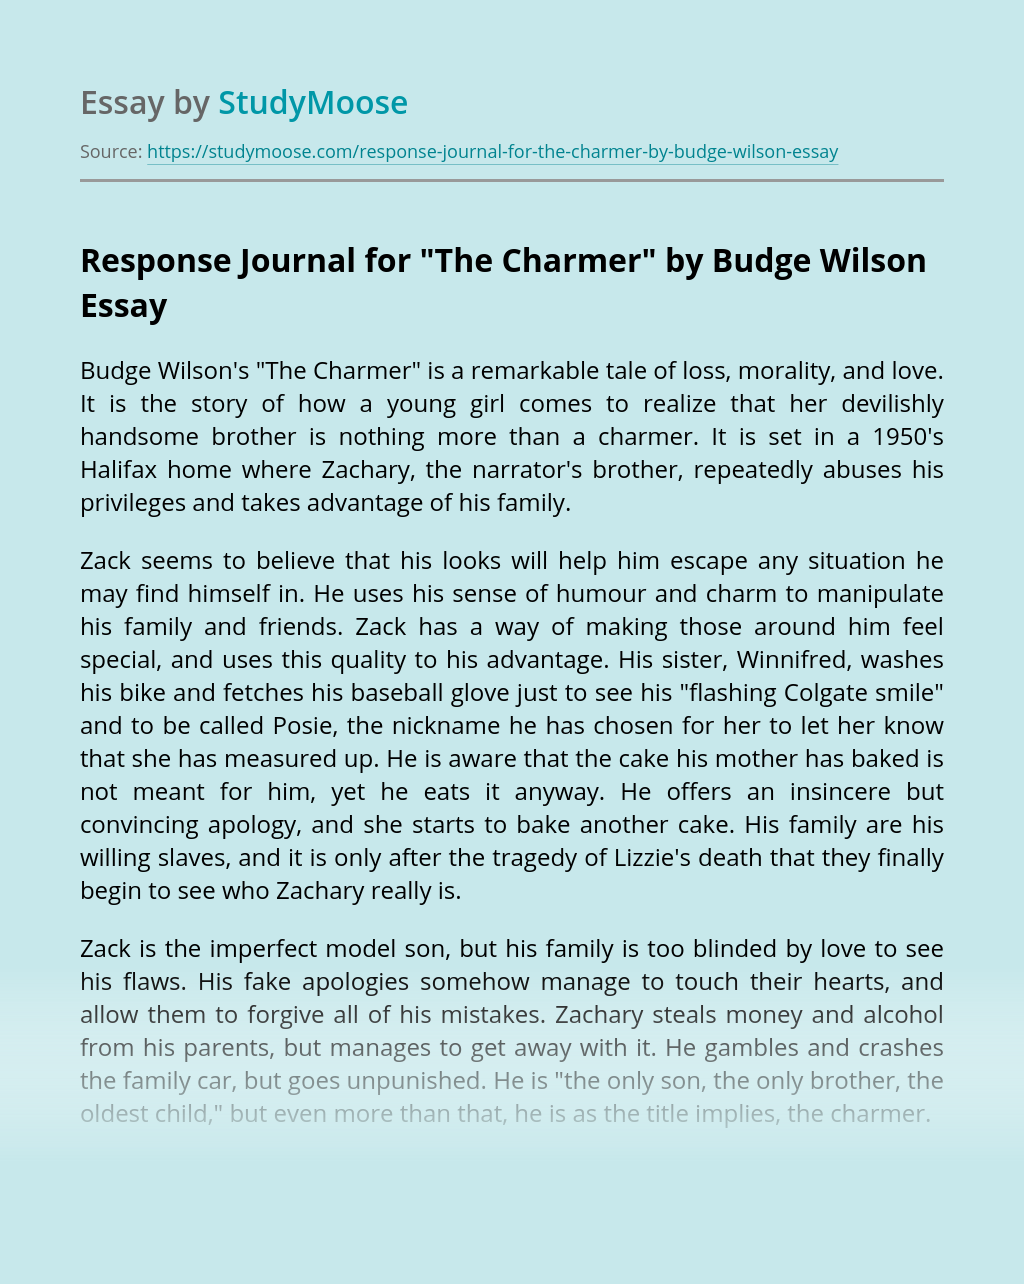 Response Journal for